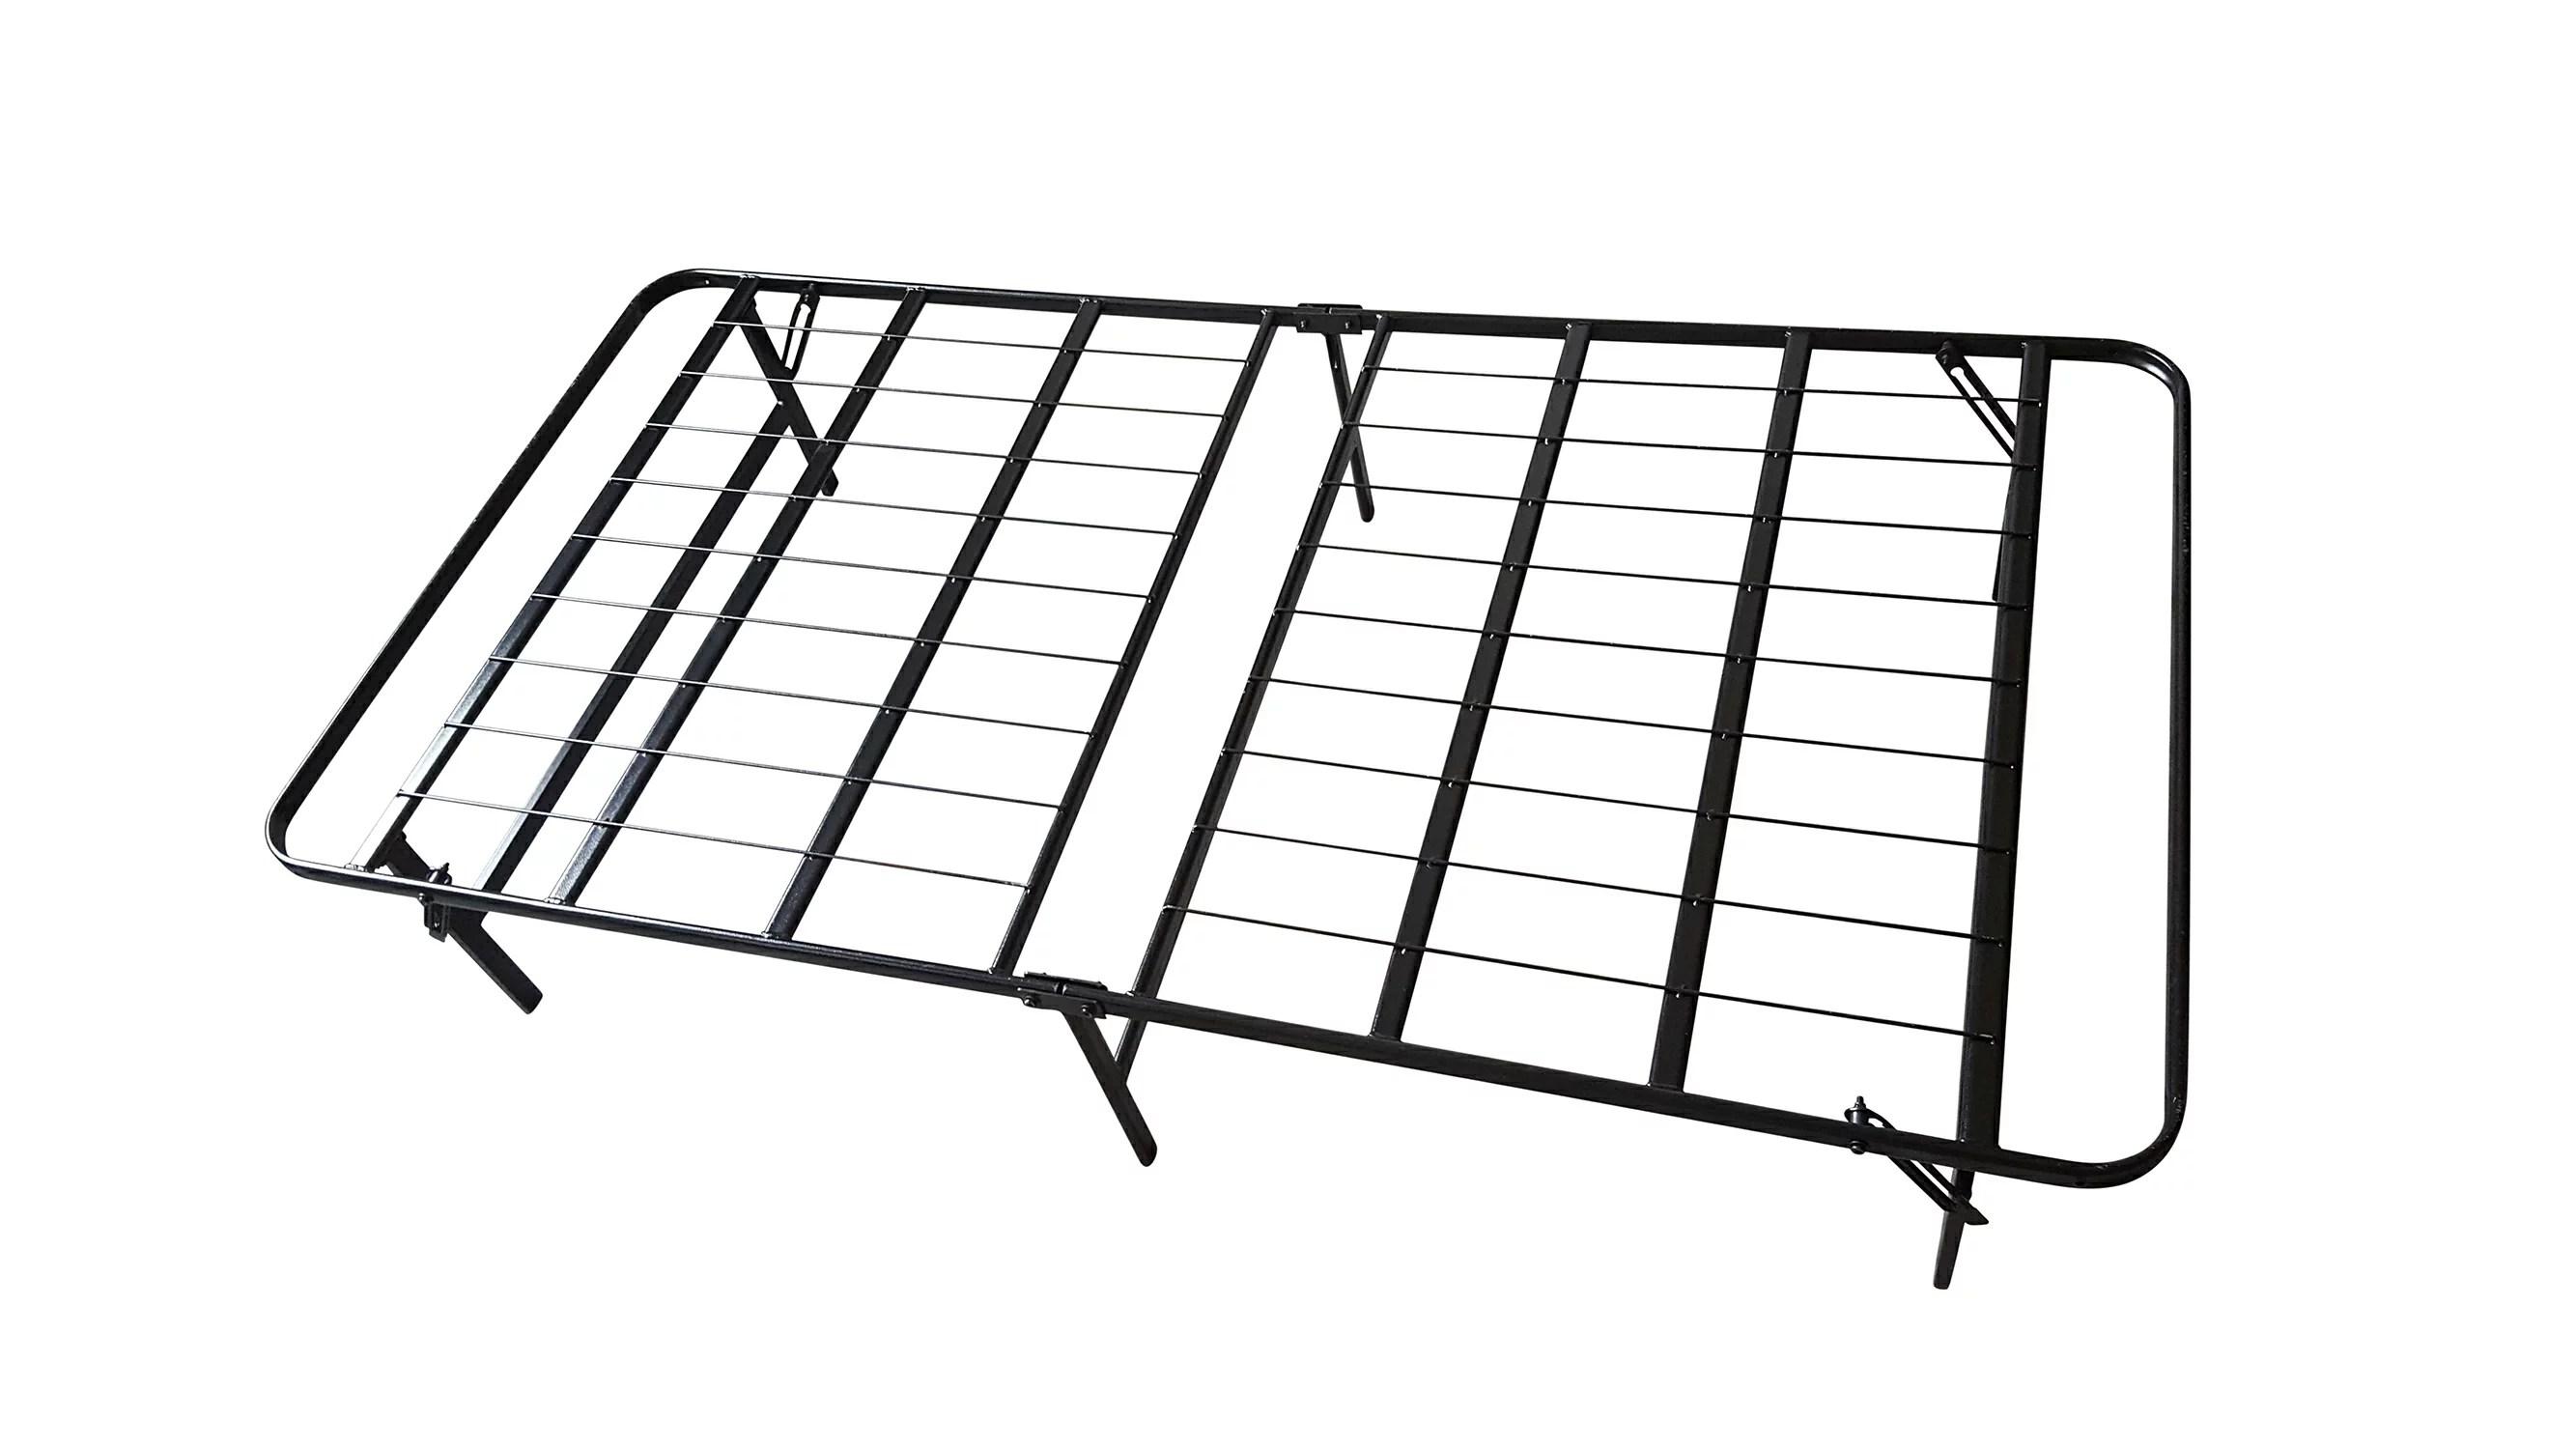 Recliner Handles Universal Bed Frame Mattress Support